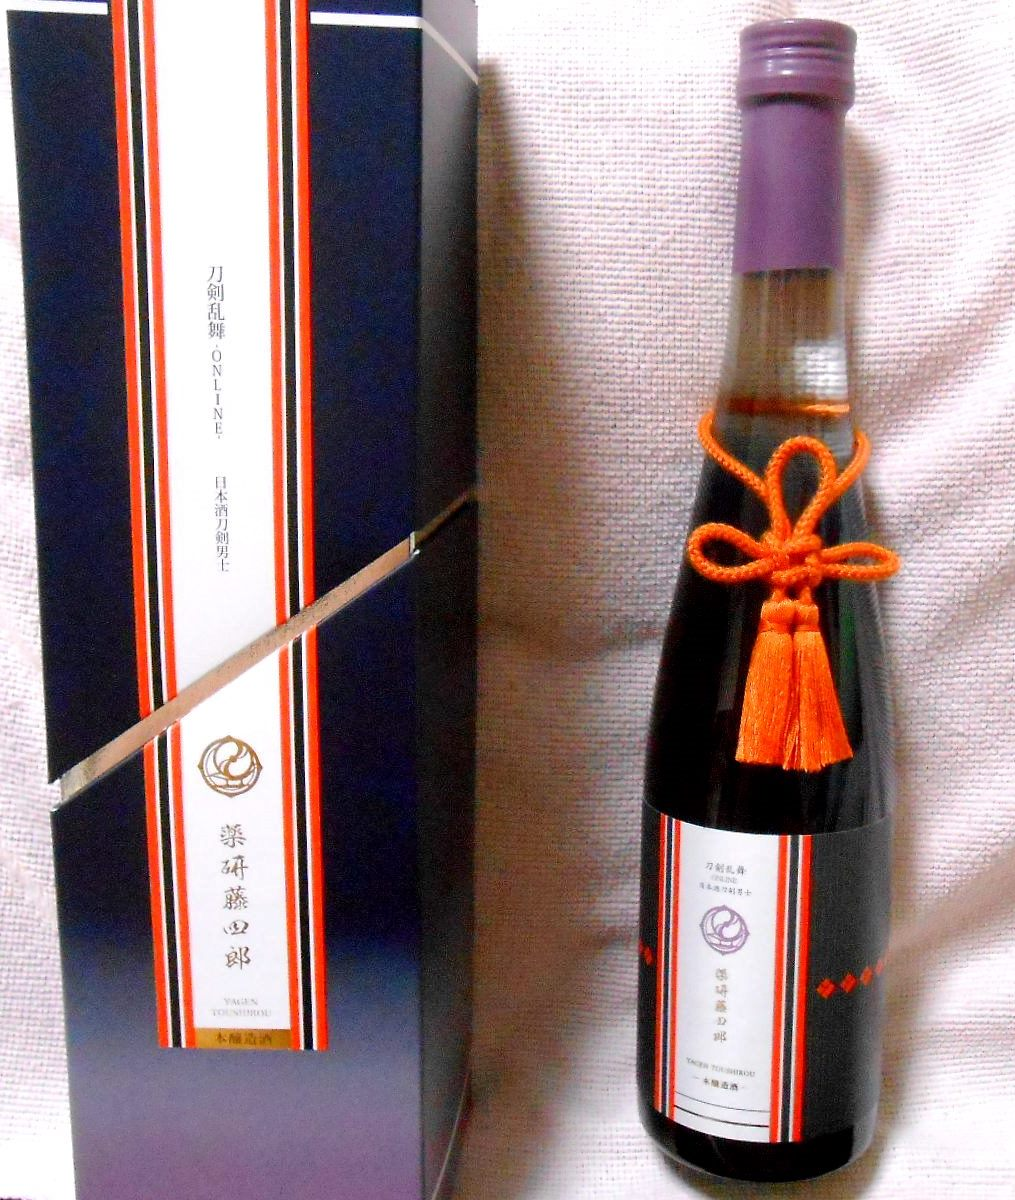 test ツイッターメディア - 佐々木酒造さんの日本酒薬研が届いたぞ~~!!!箱も瓶も几帳飾りも特典のお包みもめちゃくちゃかわいいな~~!!瓶がグラデーションになってるのおしゃれ!!味のほうも楽しみだけど勿体なさ過ぎて開けられないな…燗酒に最適とのことだけど何の料理に合うんだろう。楽しみ!! https://t.co/z6vHE1B7mL